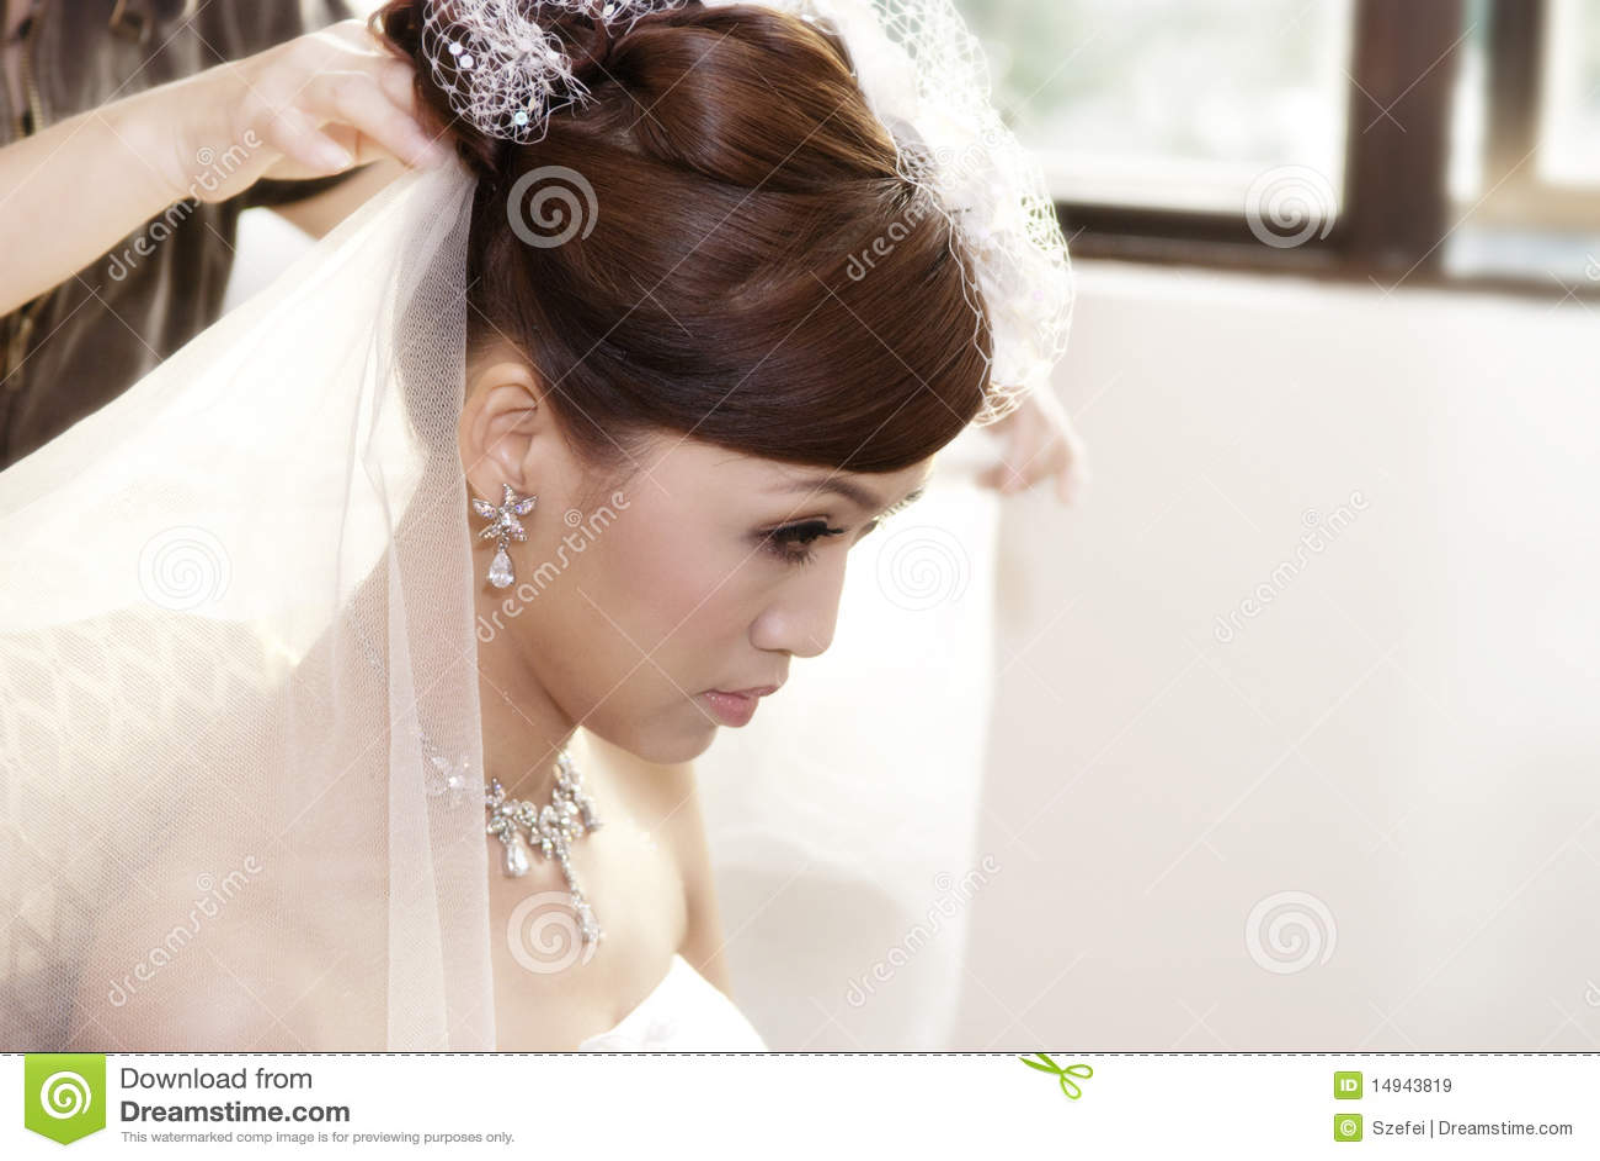 Bride hairdo